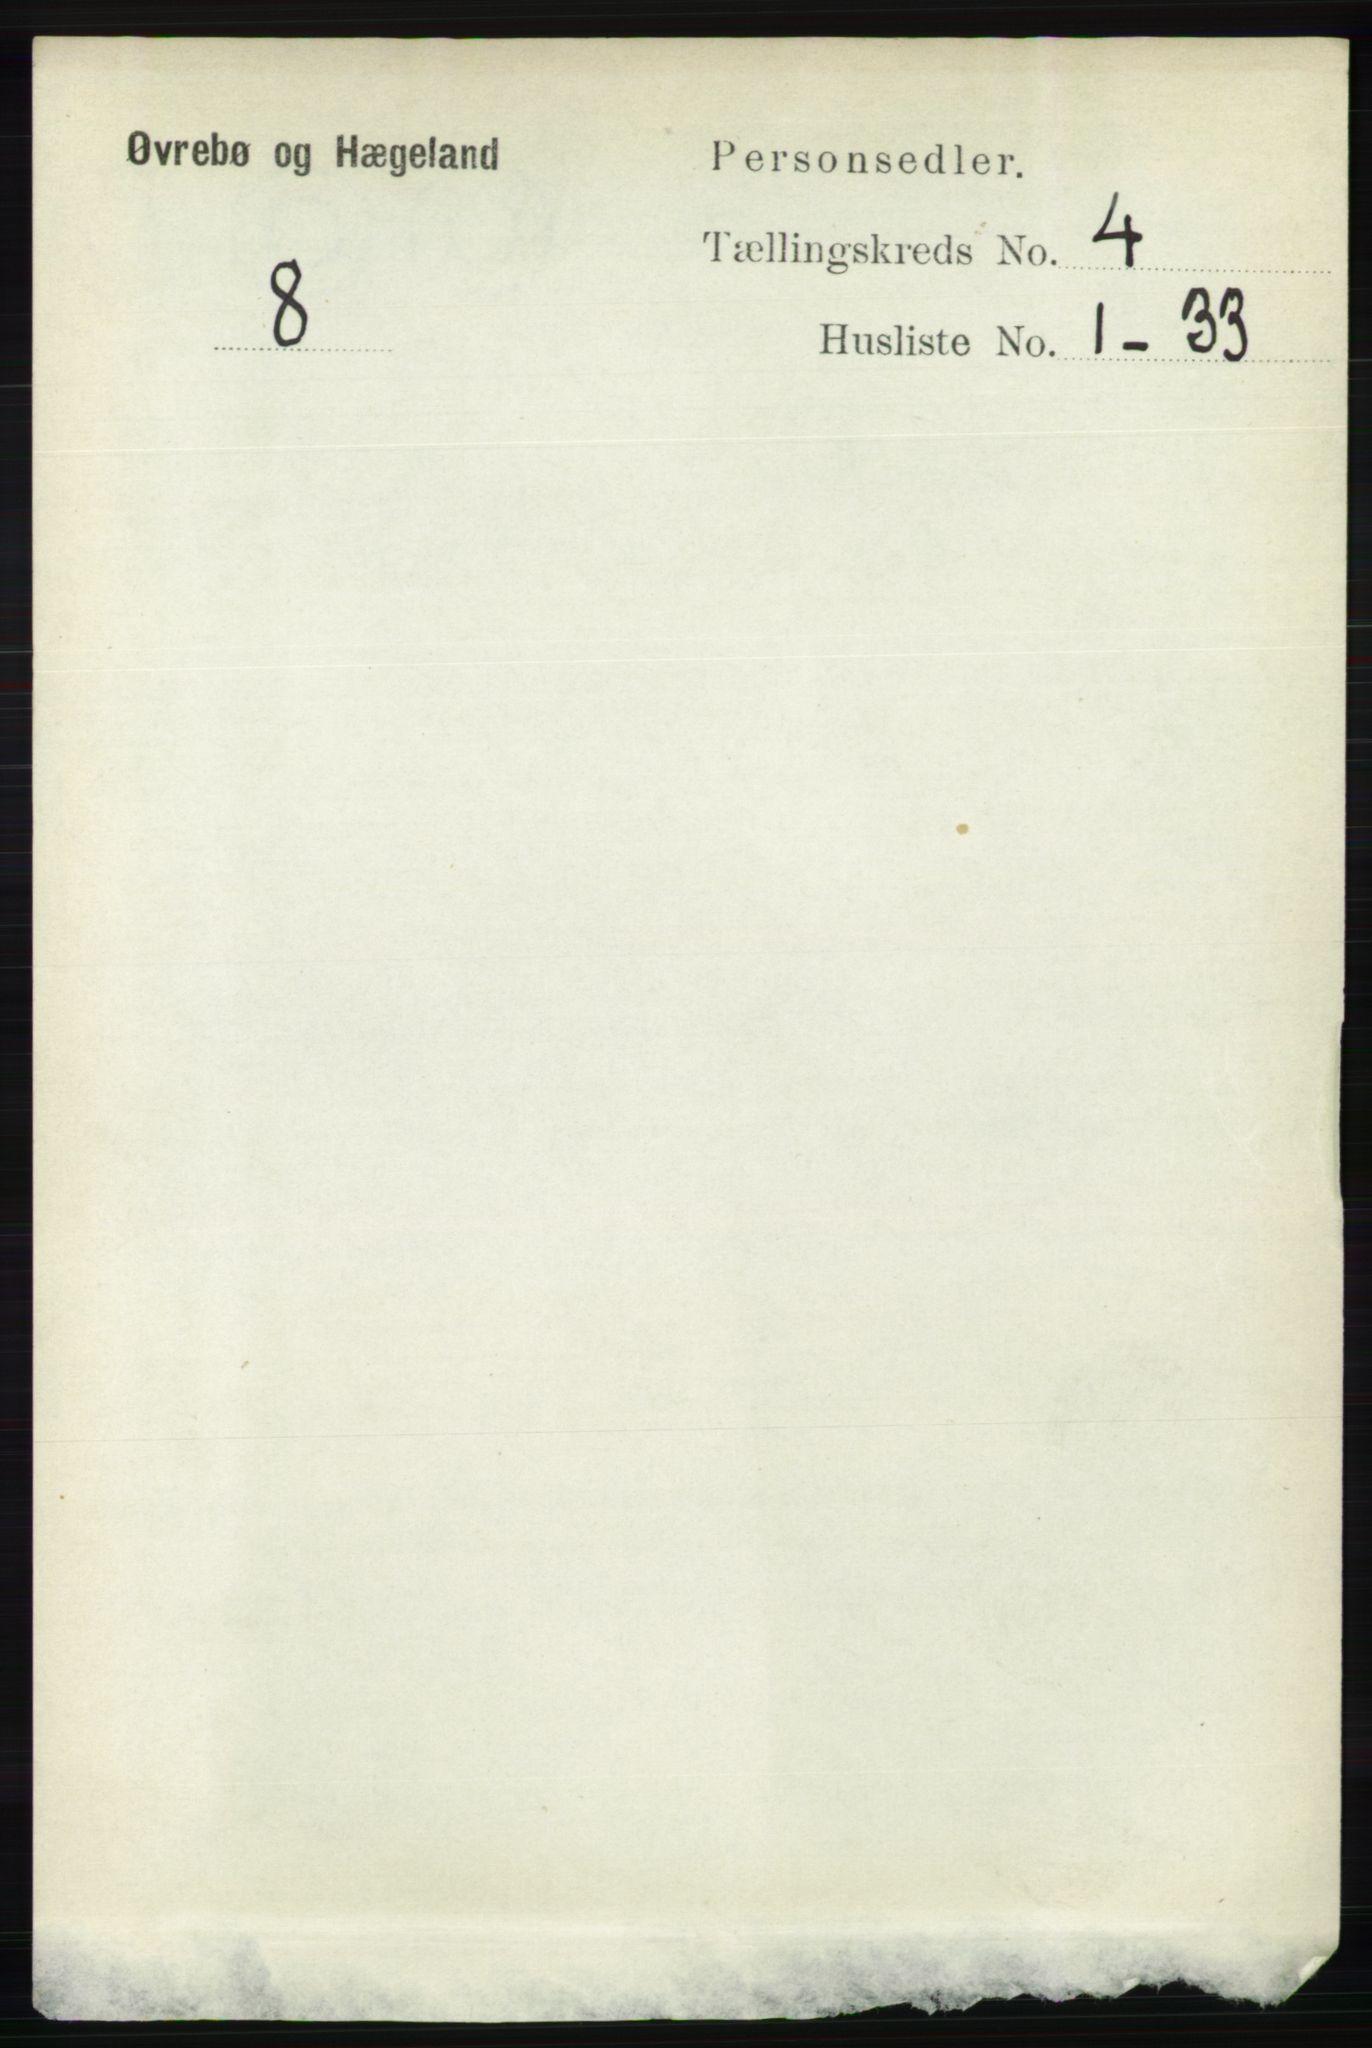 RA, Folketelling 1891 for 1016 Øvrebø og Hægeland herred, 1891, s. 683